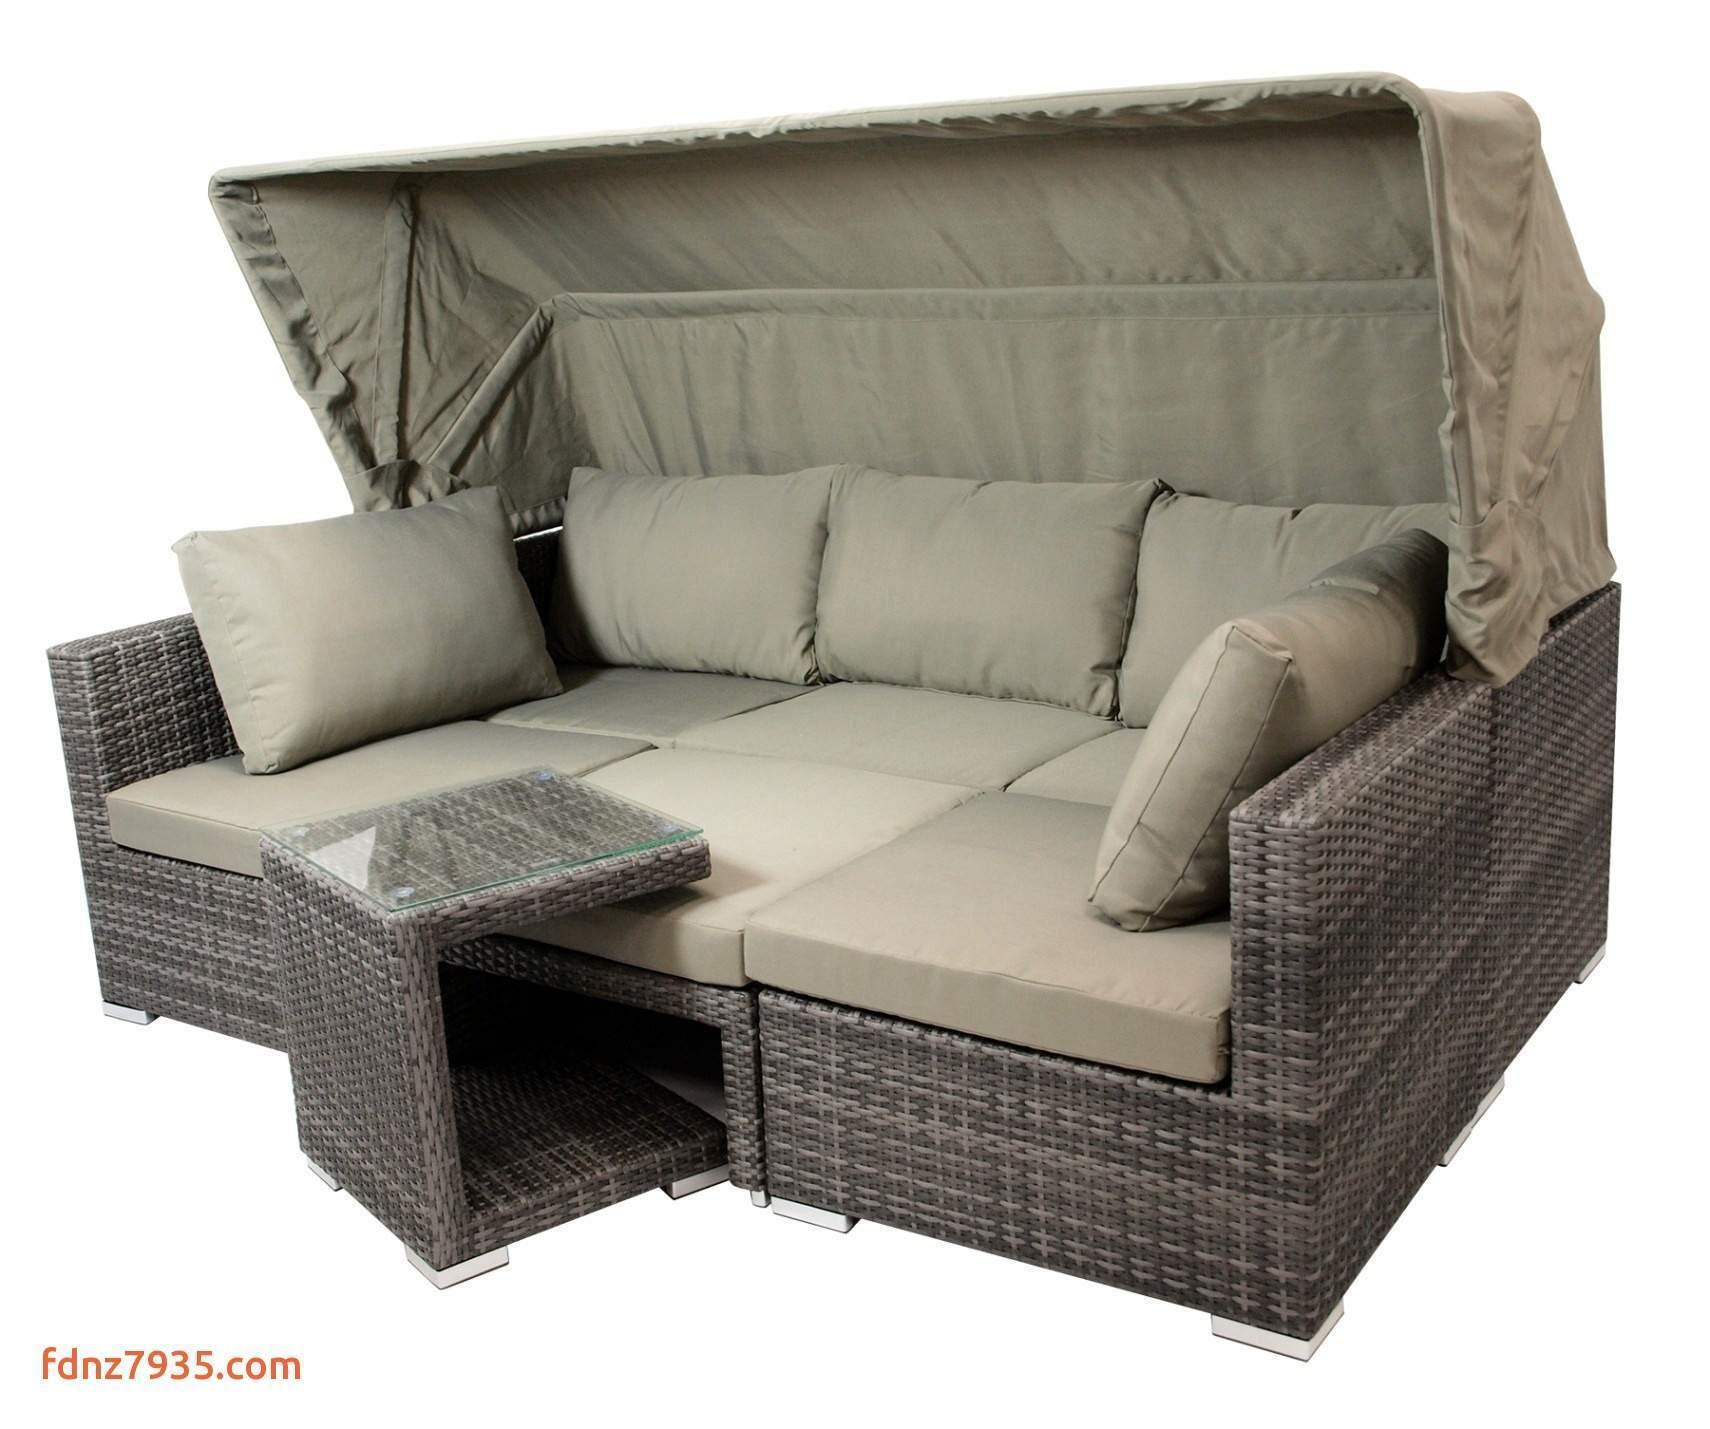 rattan sofa wohnzimmer neu 45 luxus rattan ecksofa garten neu of rattan sofa wohnzimmer 1